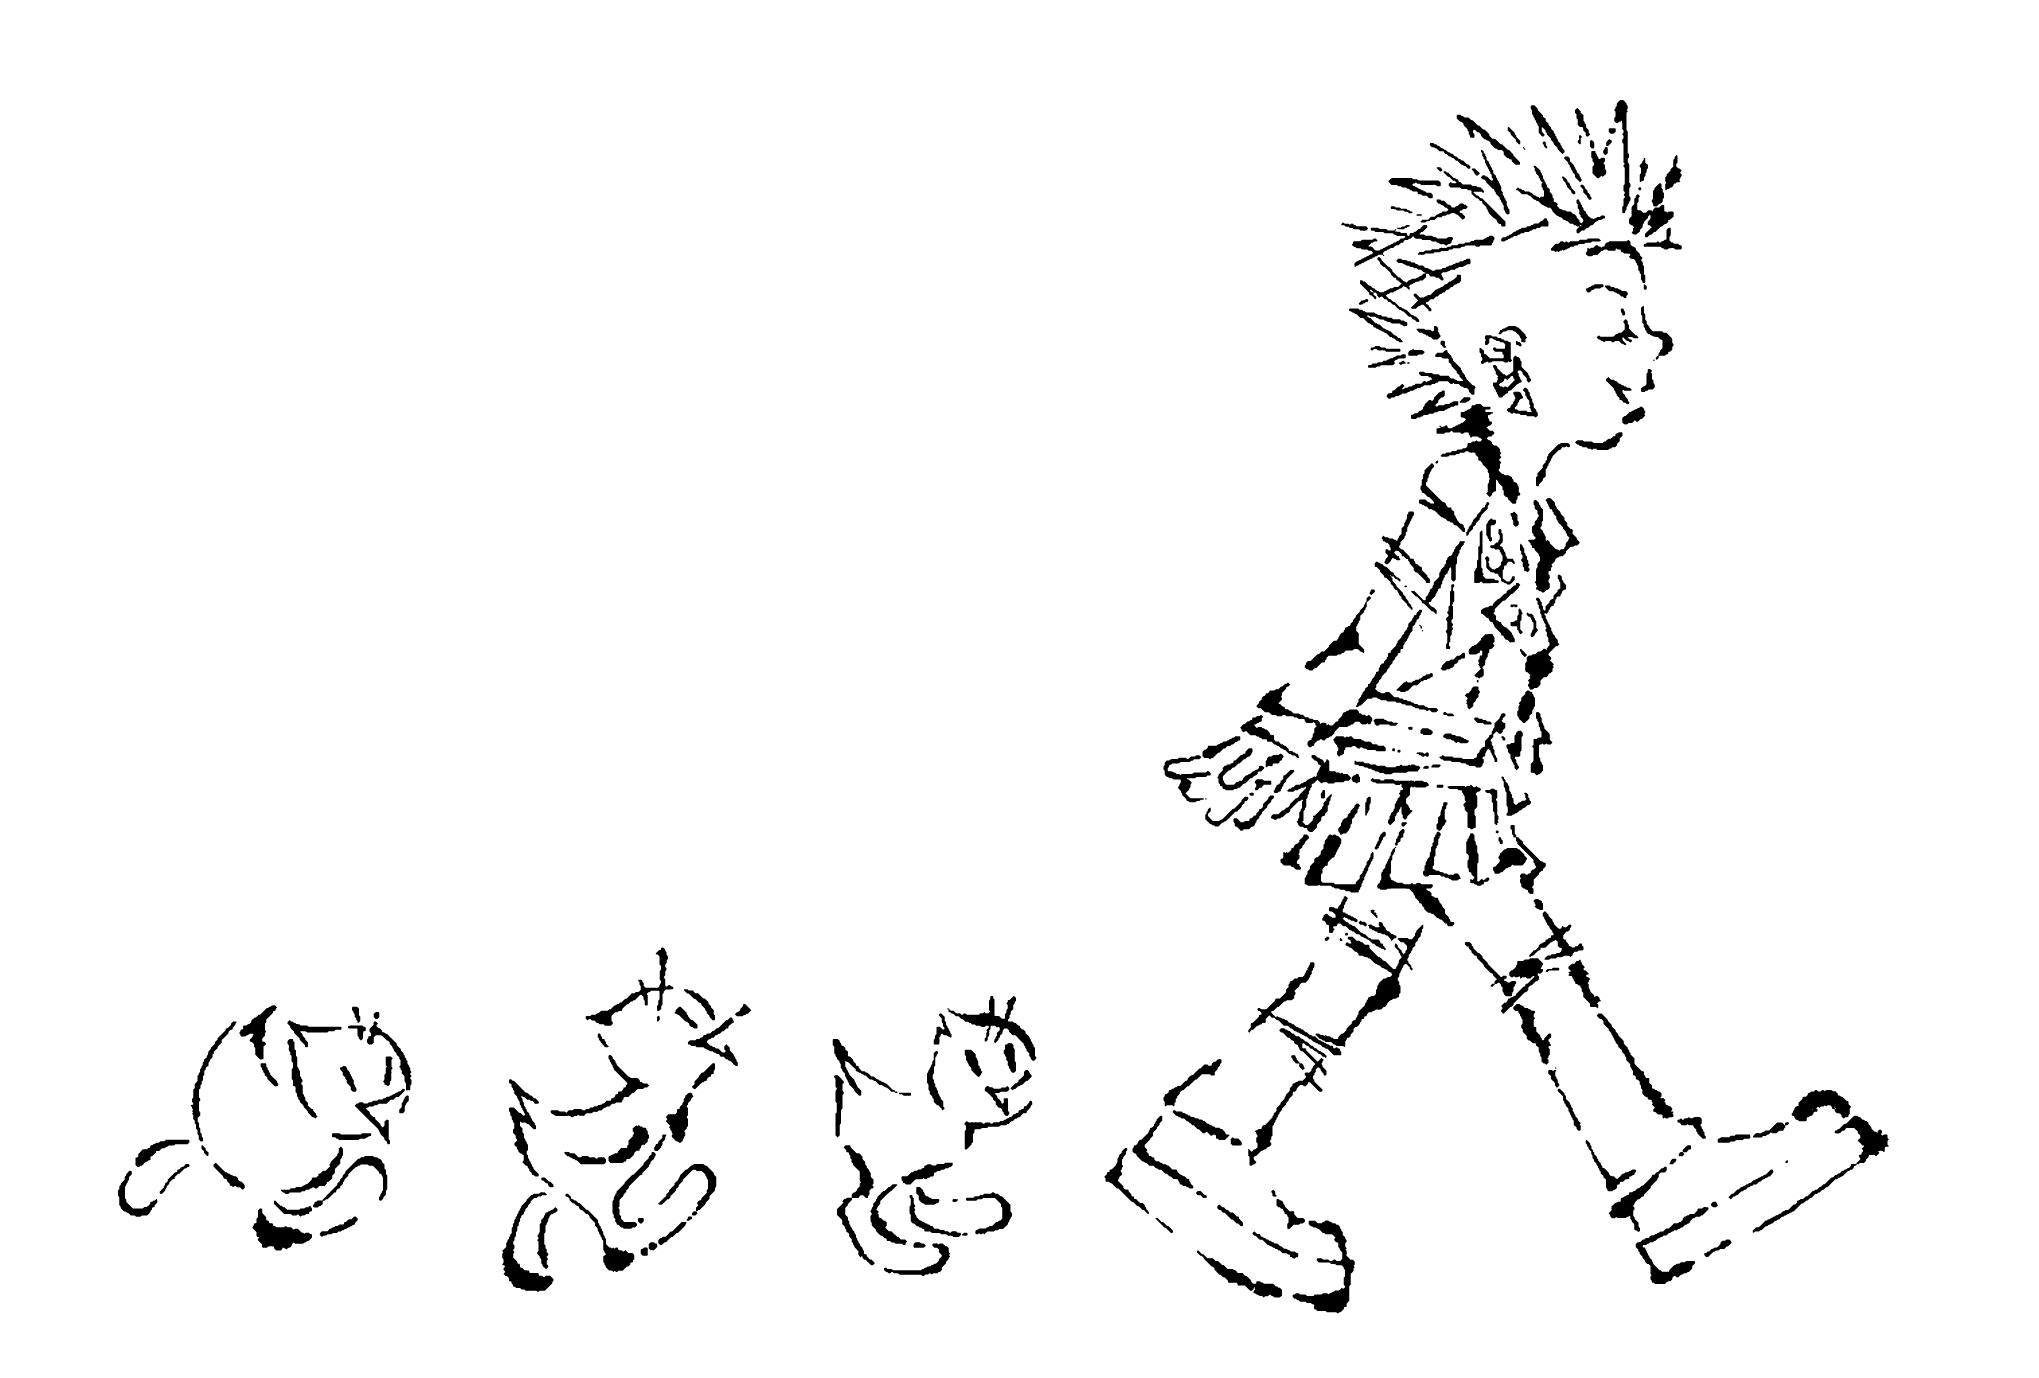 2017年賀状10-2:Chicks march / line drawingのダウンロード画像